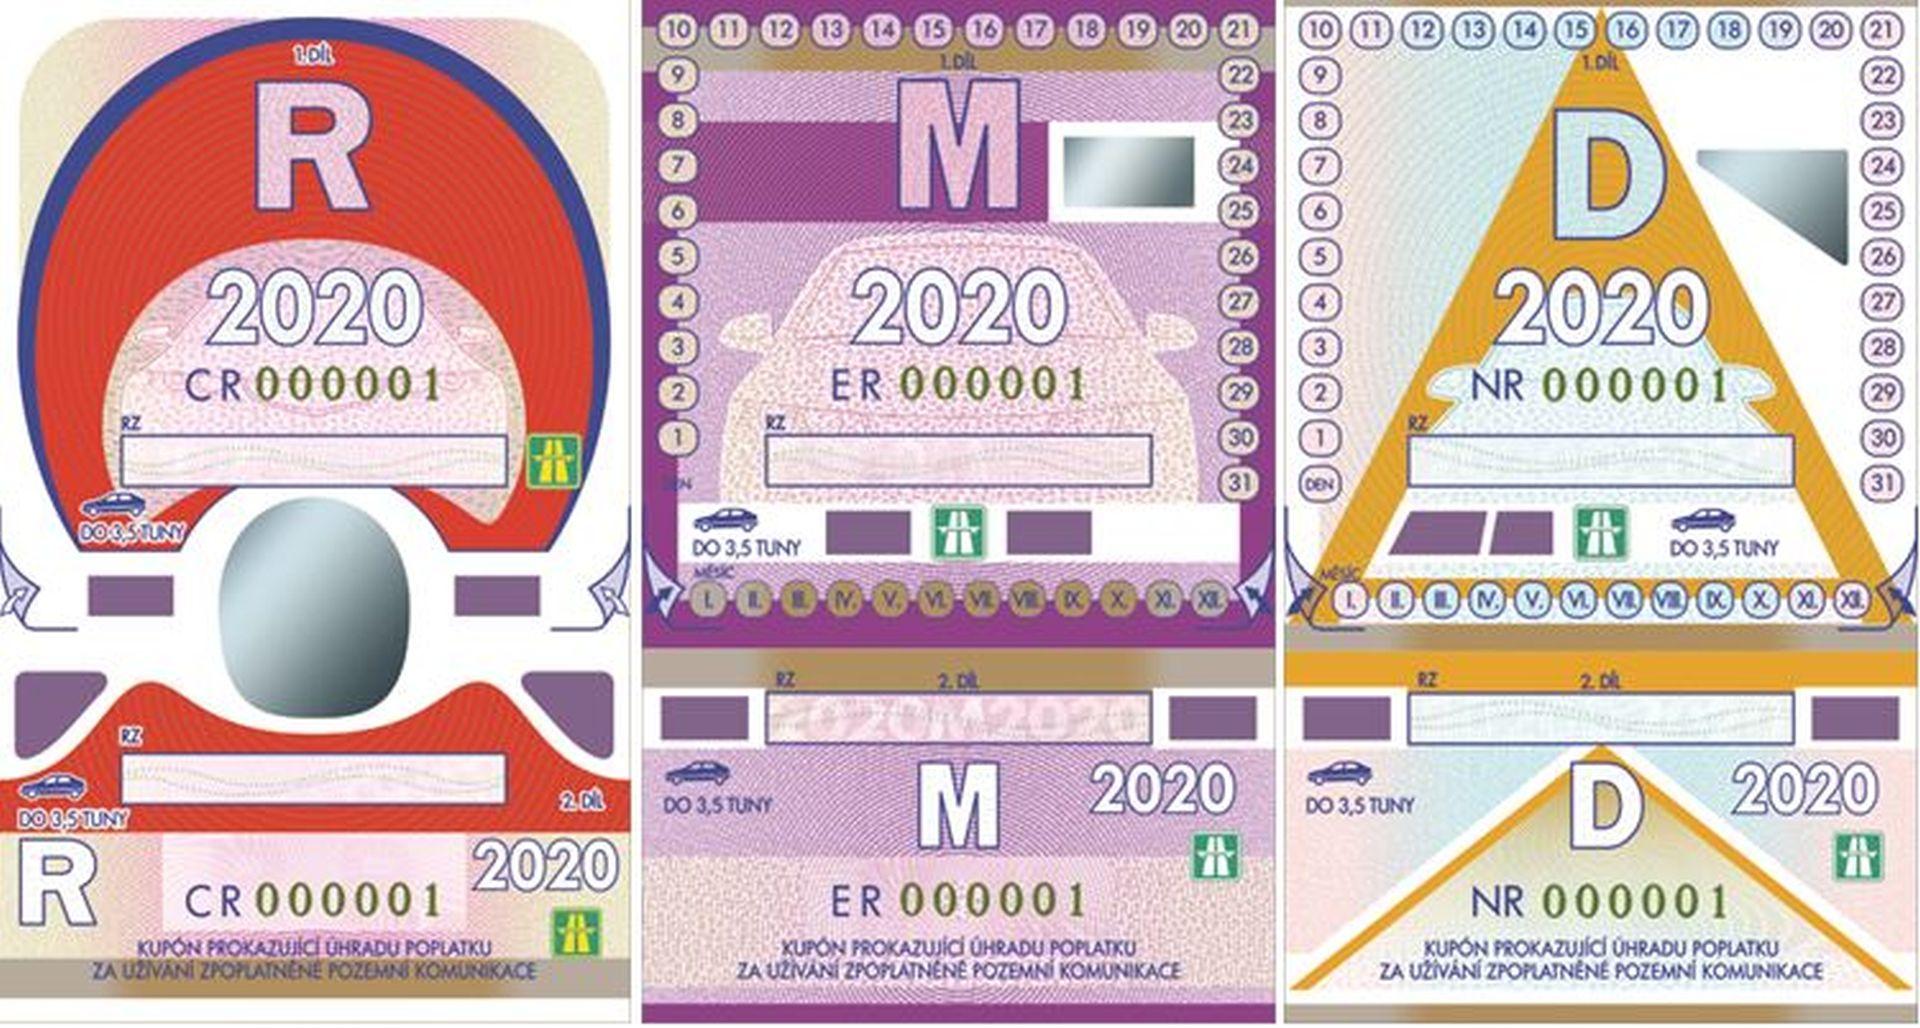 Dálniční kupóny pro rok 2020. Foto: ministerstvo dopravy